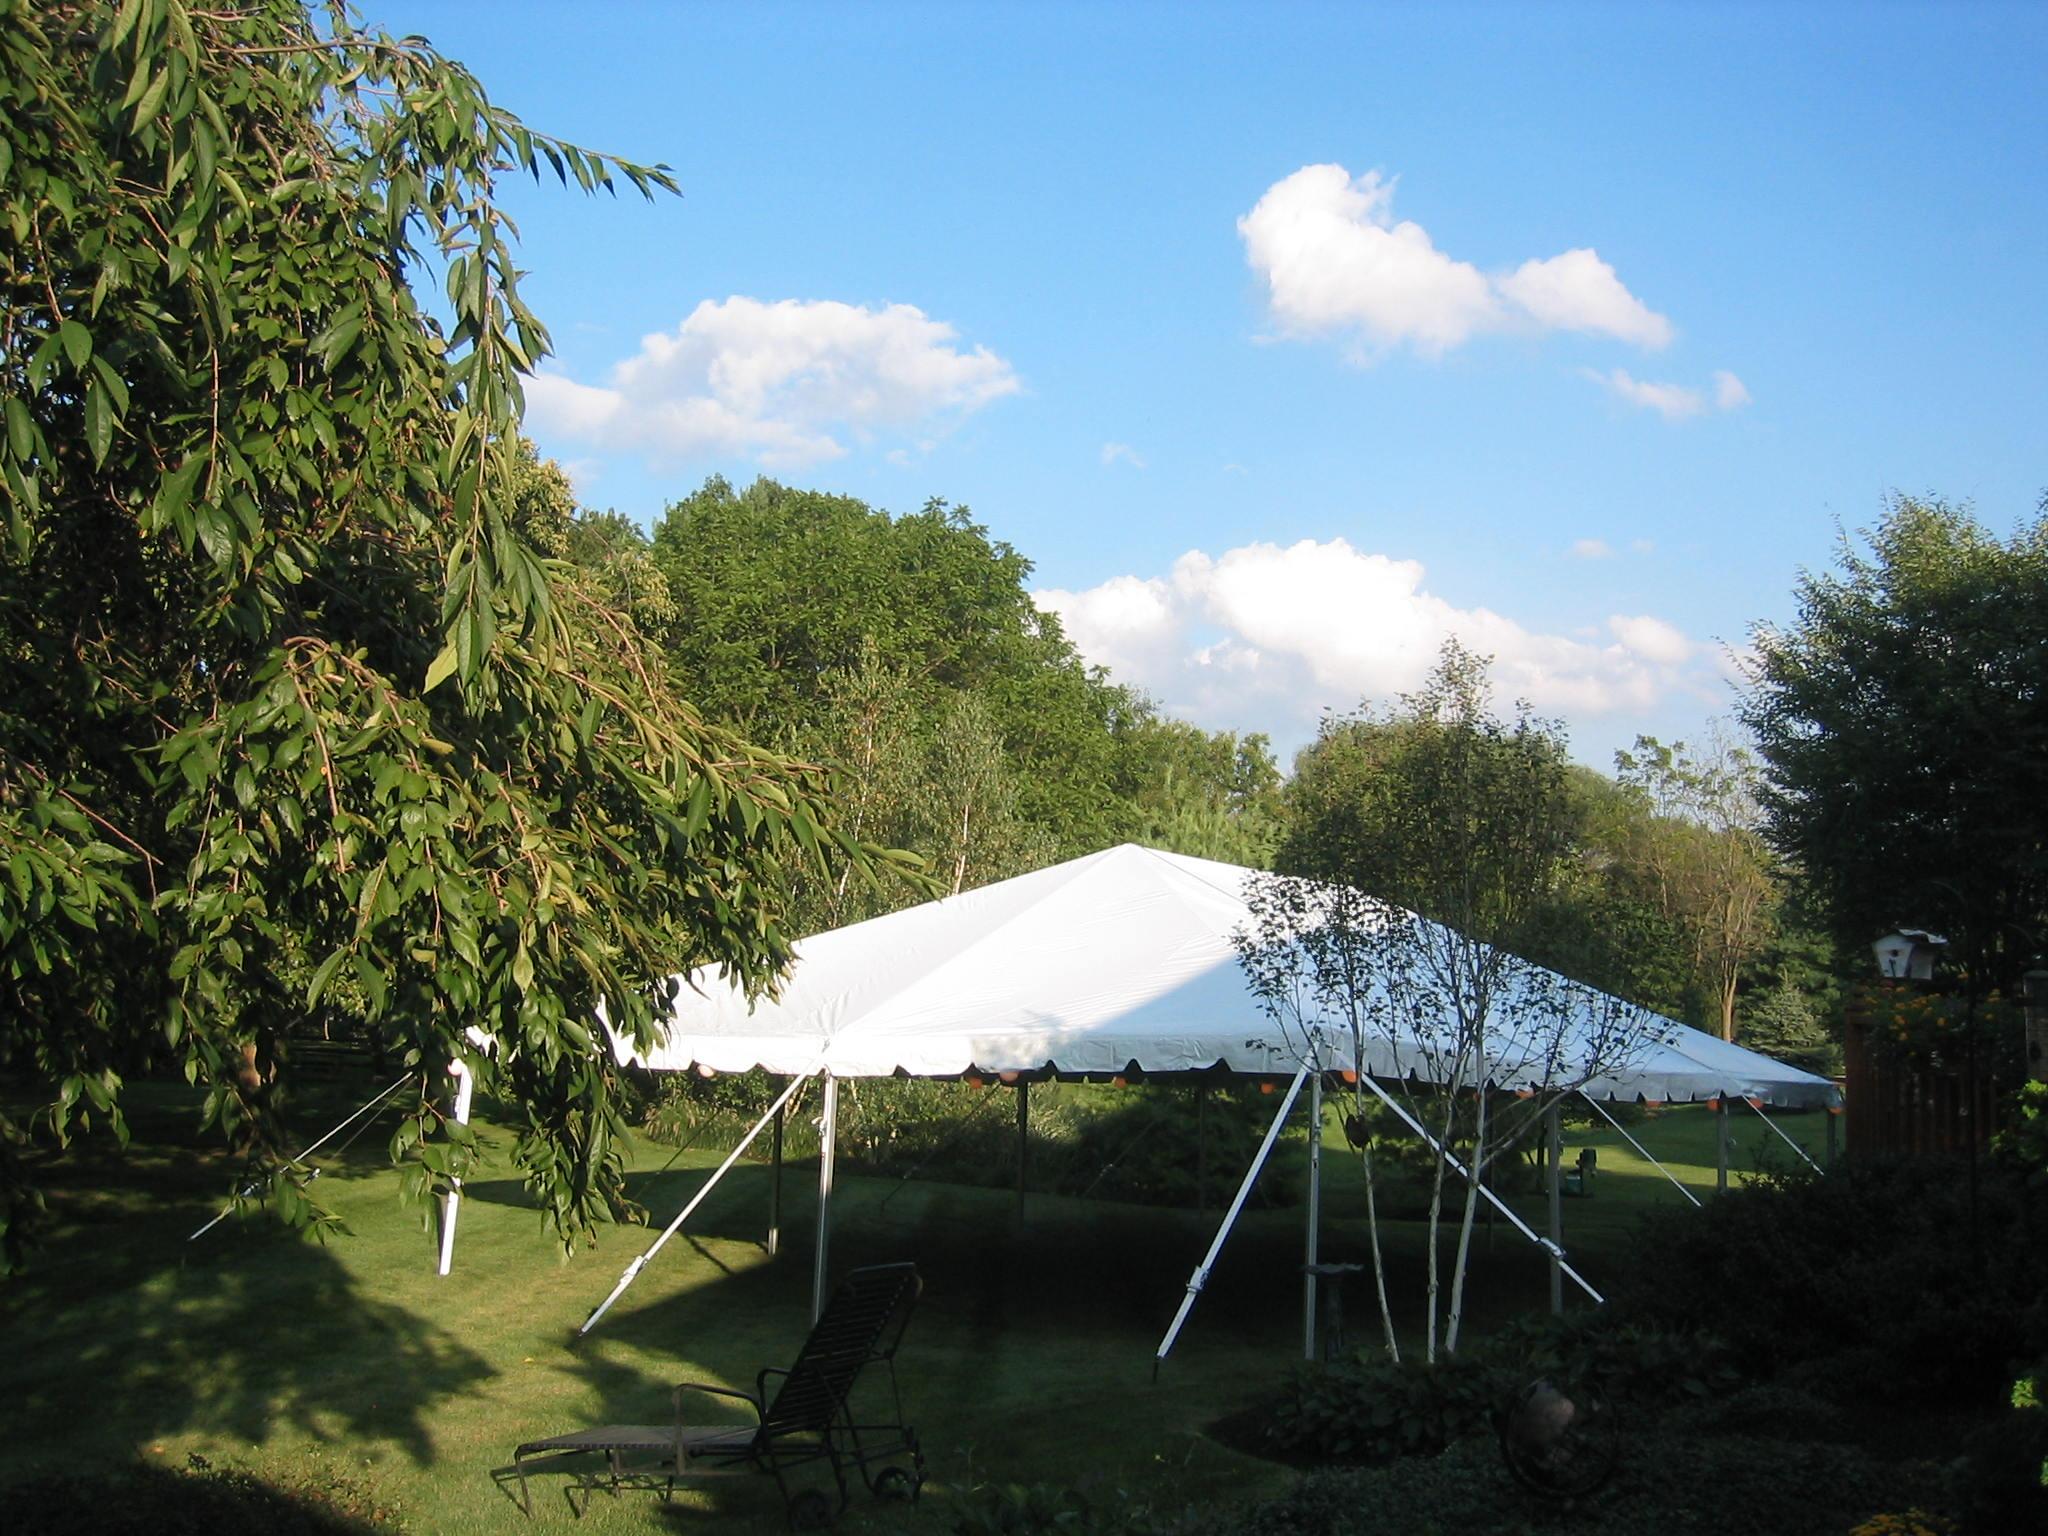 Wedding tent rentals Allentown, PA